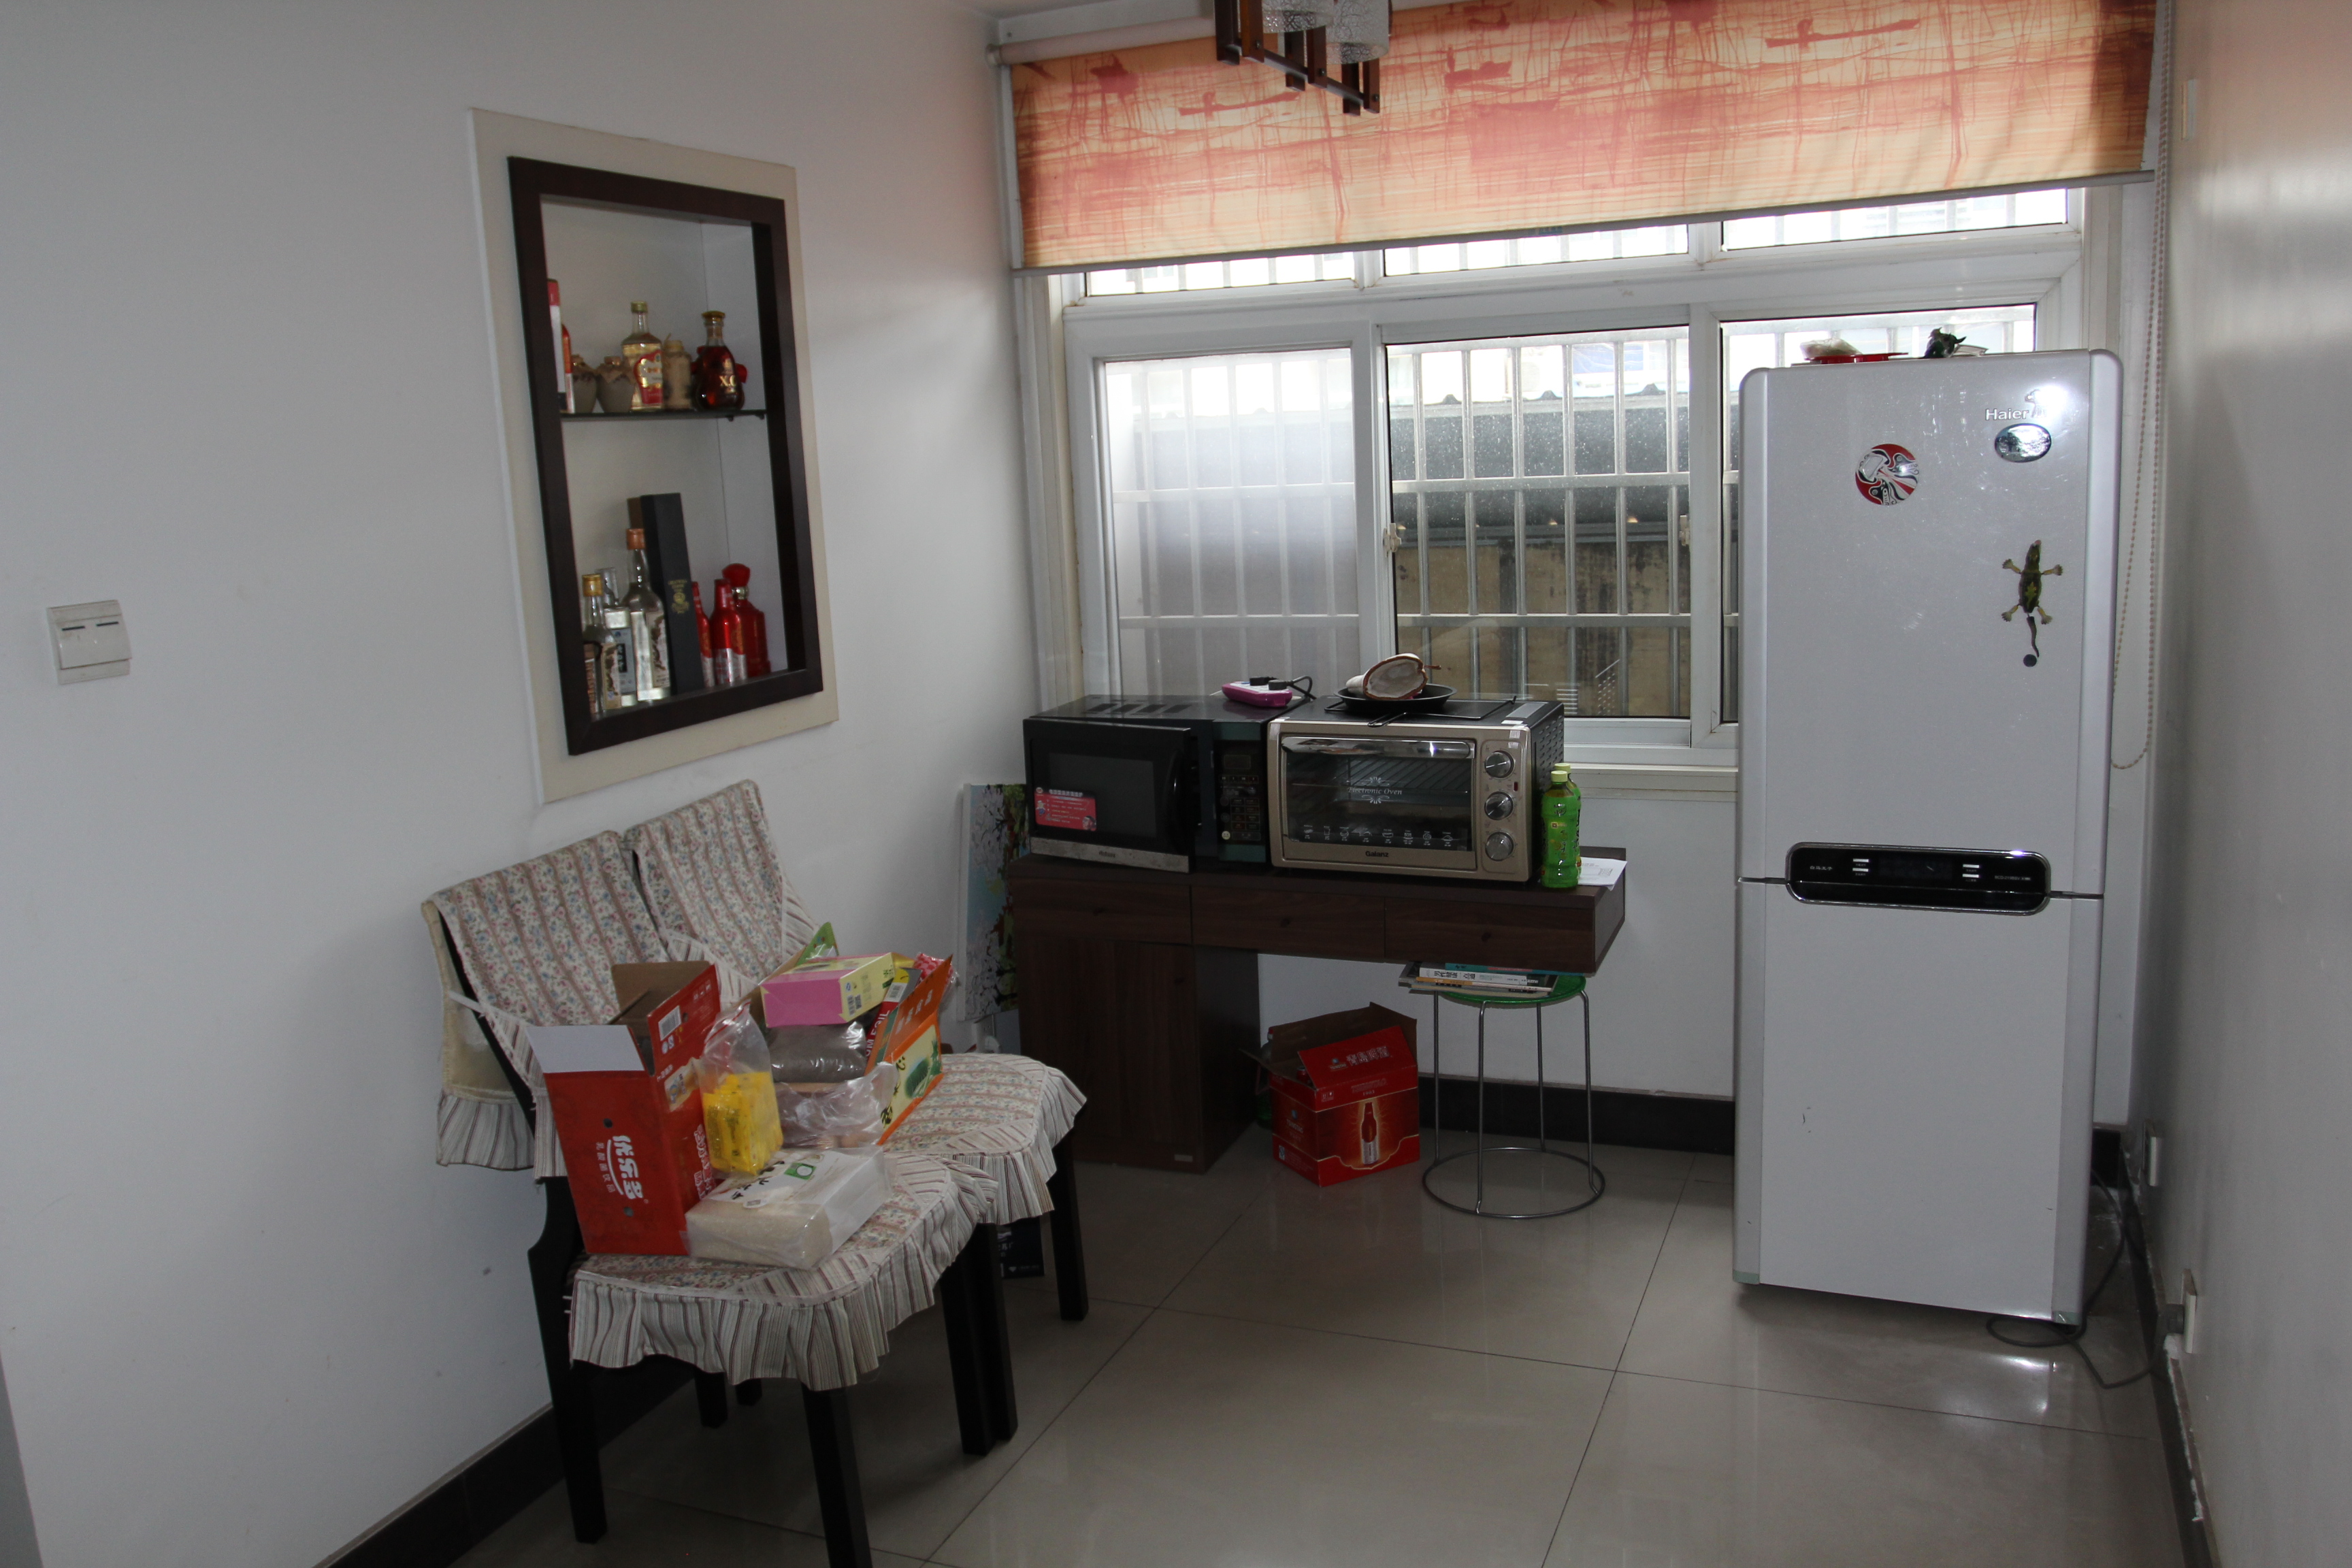 【第一次v住宅】亳州市谯城区香港步行街b区210住宅.背景餐桌墙和沙发墙一体的装修图片欣赏图片